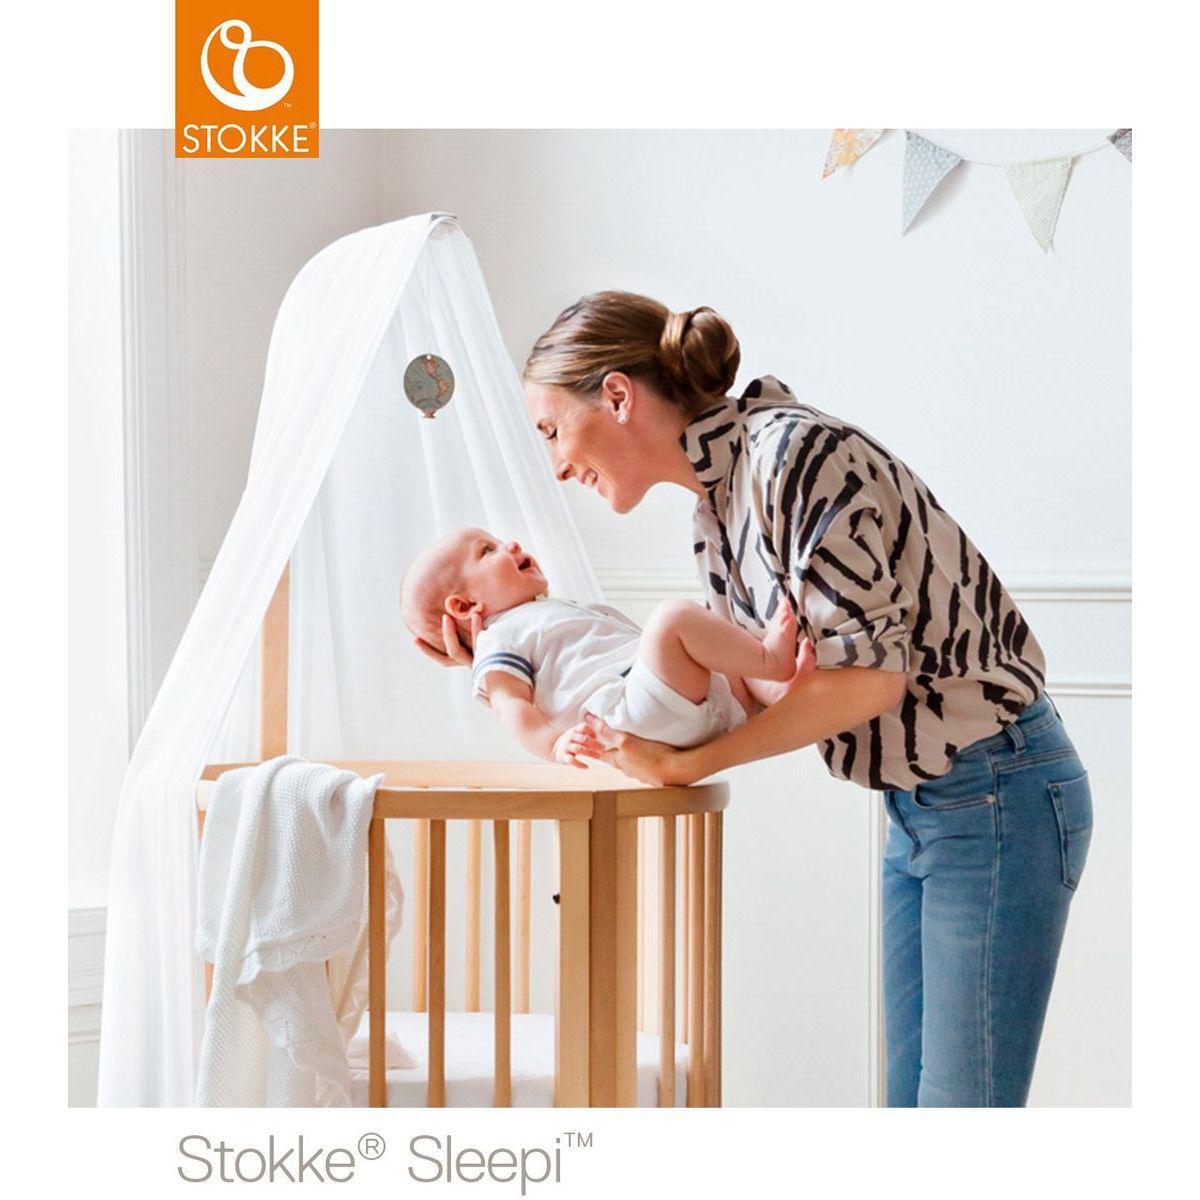 Mástil dosel SLEEP Stokke blanco